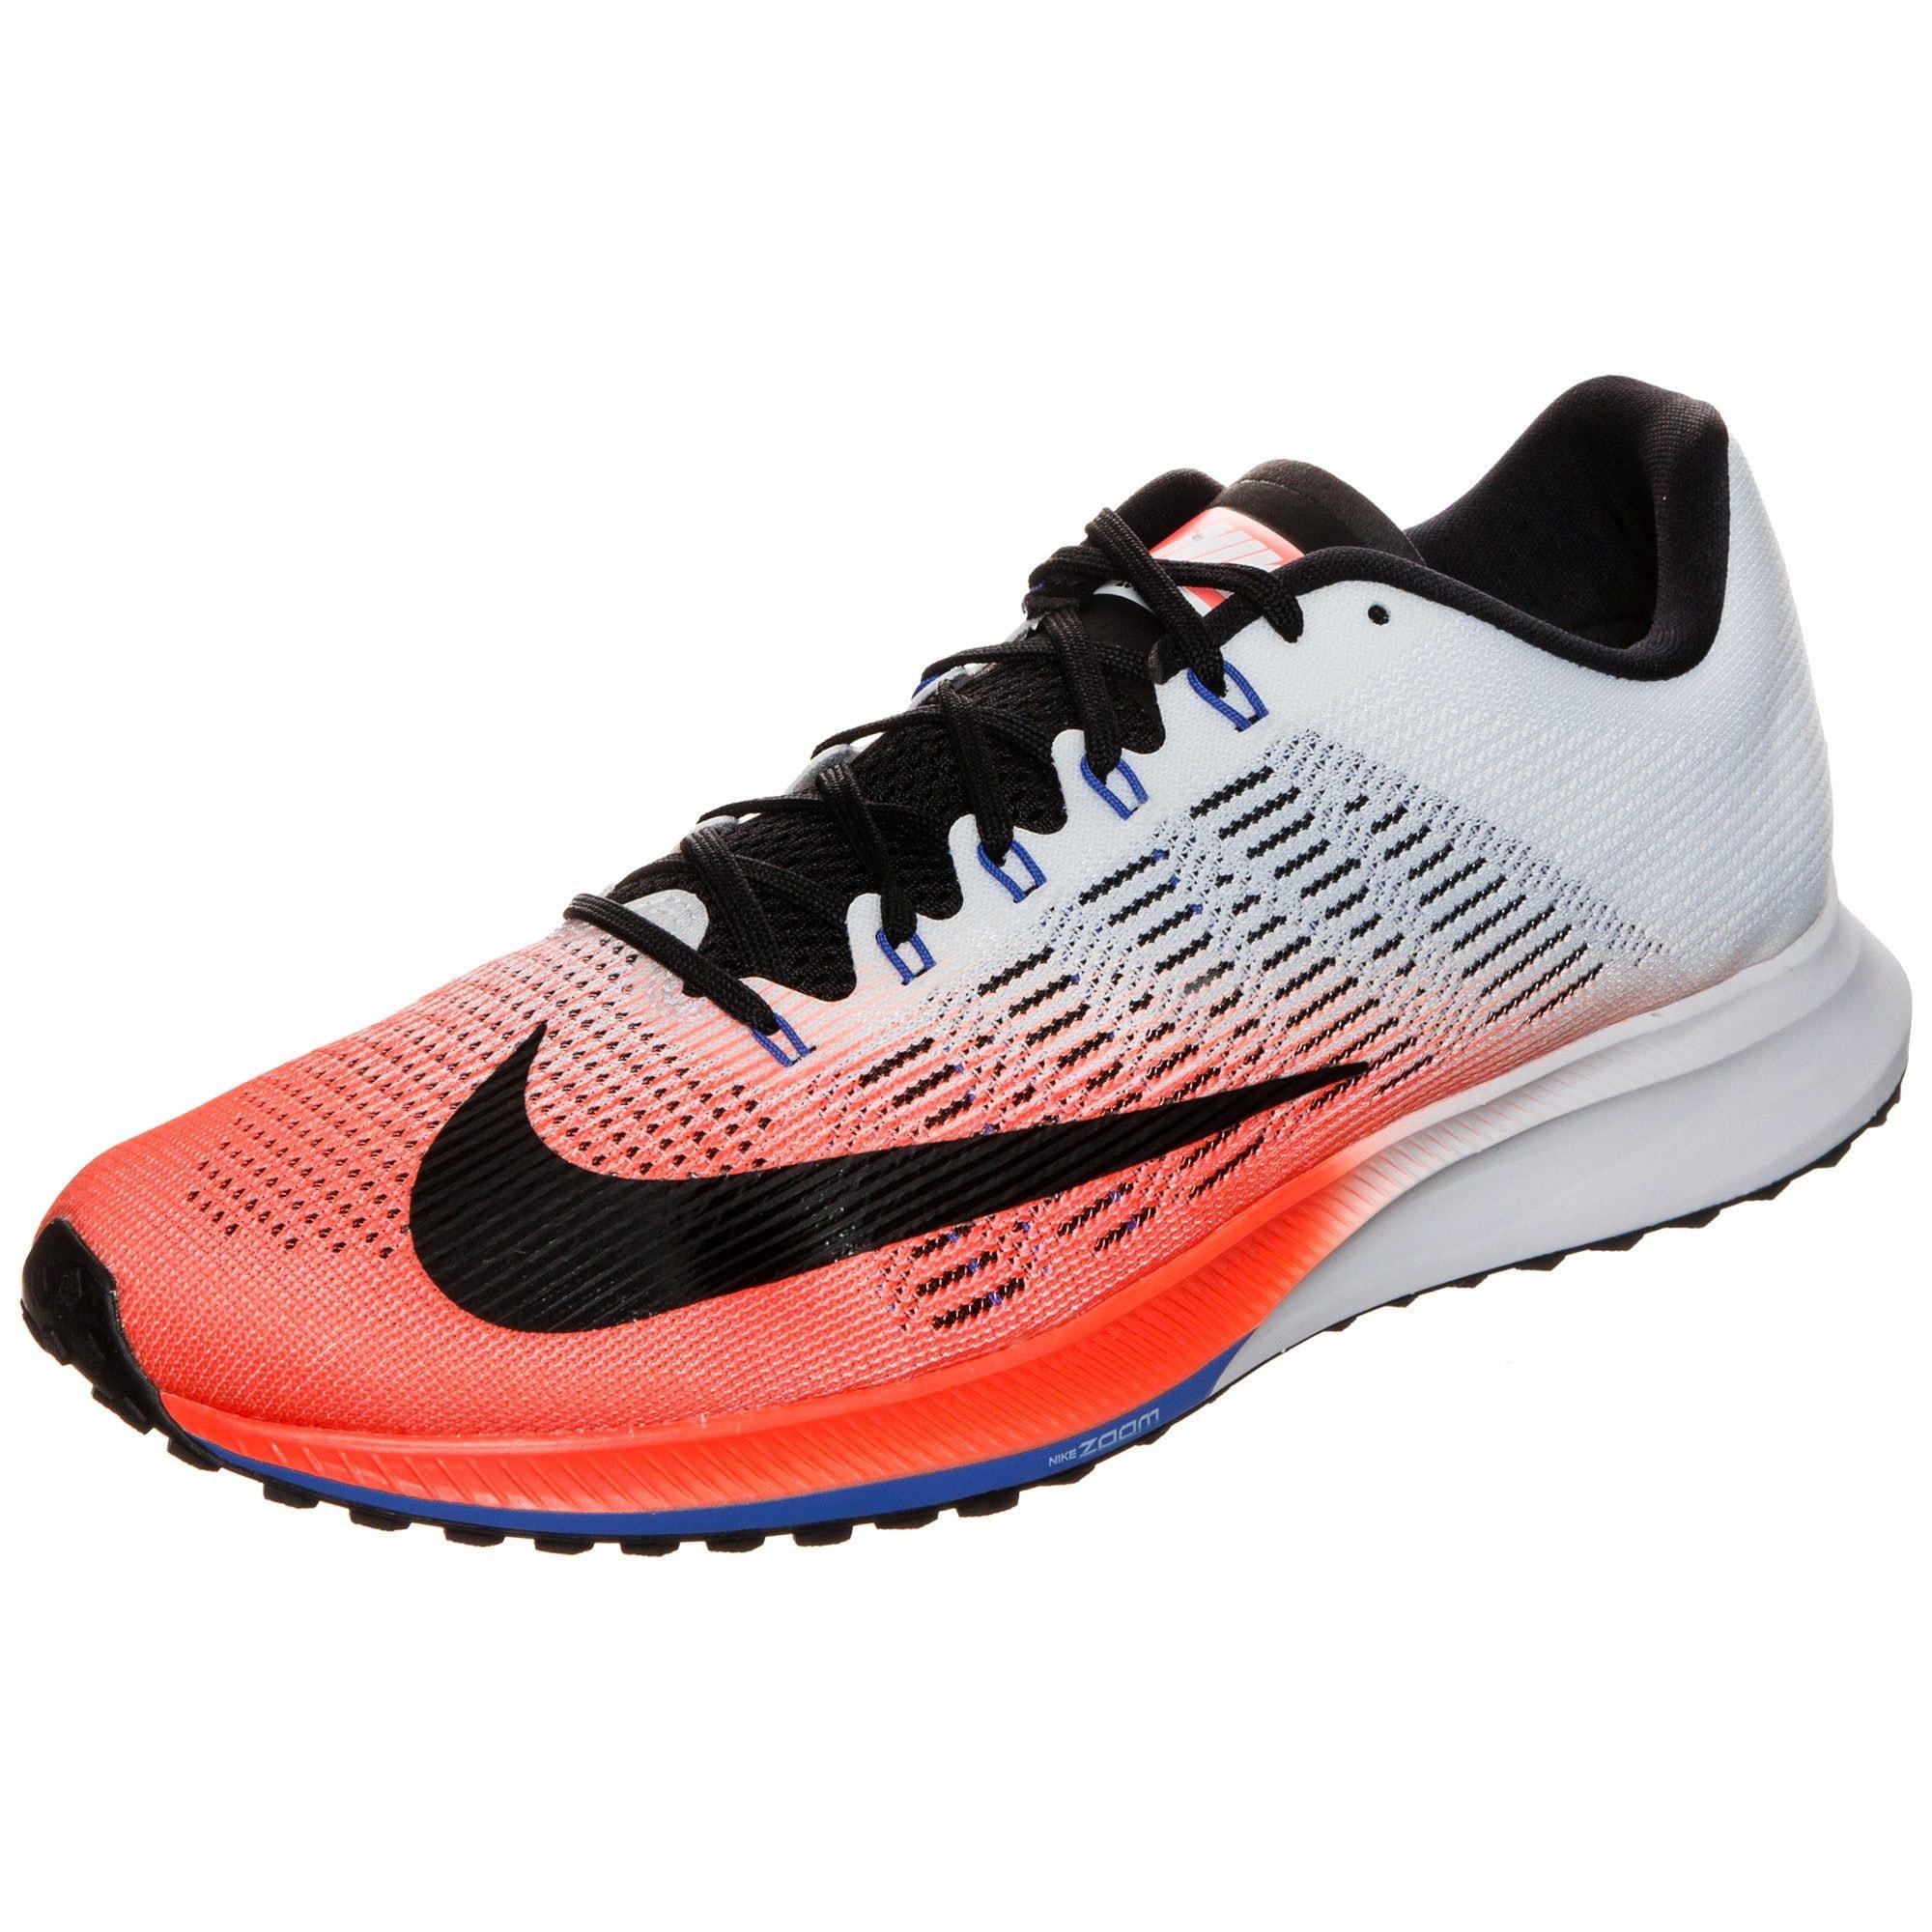 Nike Air Zoom Elite 9 Laufschuh Herren gnstig gnstig gnstig kaufen | Gutes Preis-Leistungs-Verhältnis, es lohnt sich 050f8b